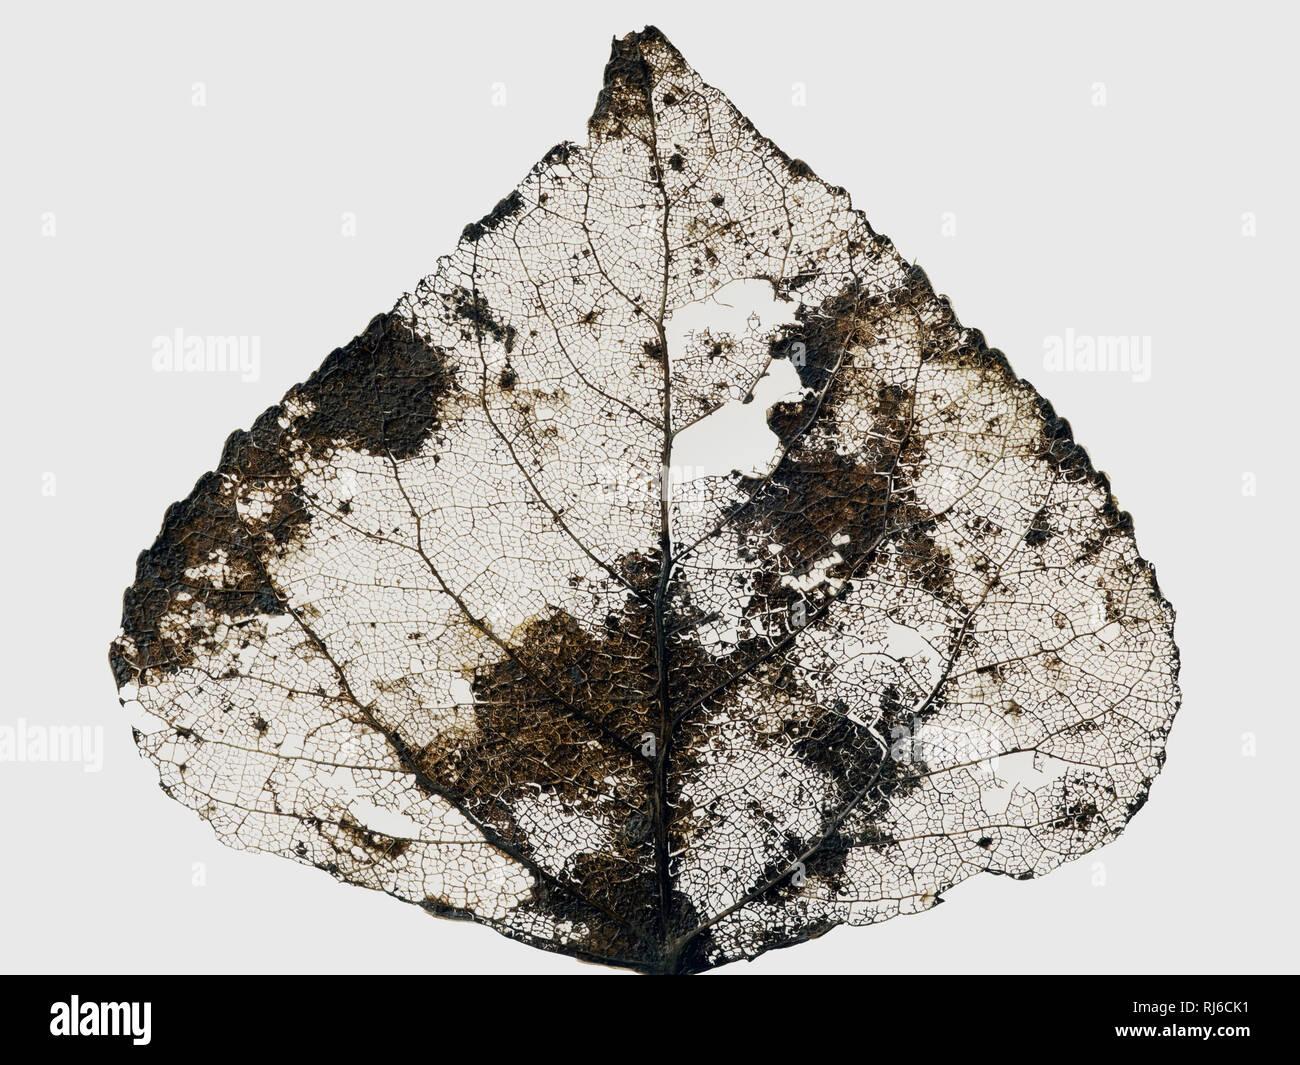 Vertrocknetes Blatt einer Pappel im Herbst vor weißem Hintergrund Stockbild